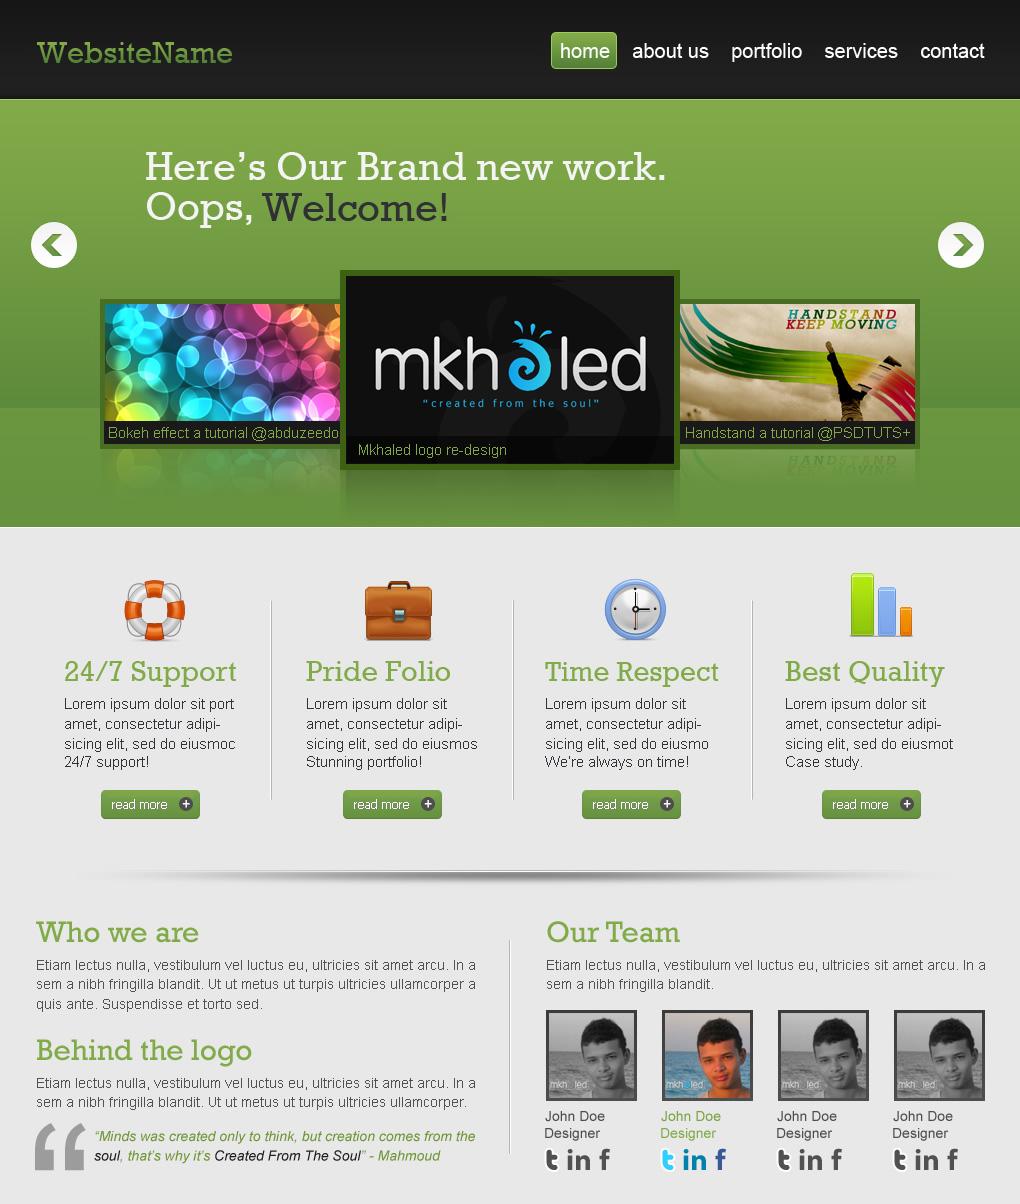 Сайт для дизайнеров хорошего разрешения